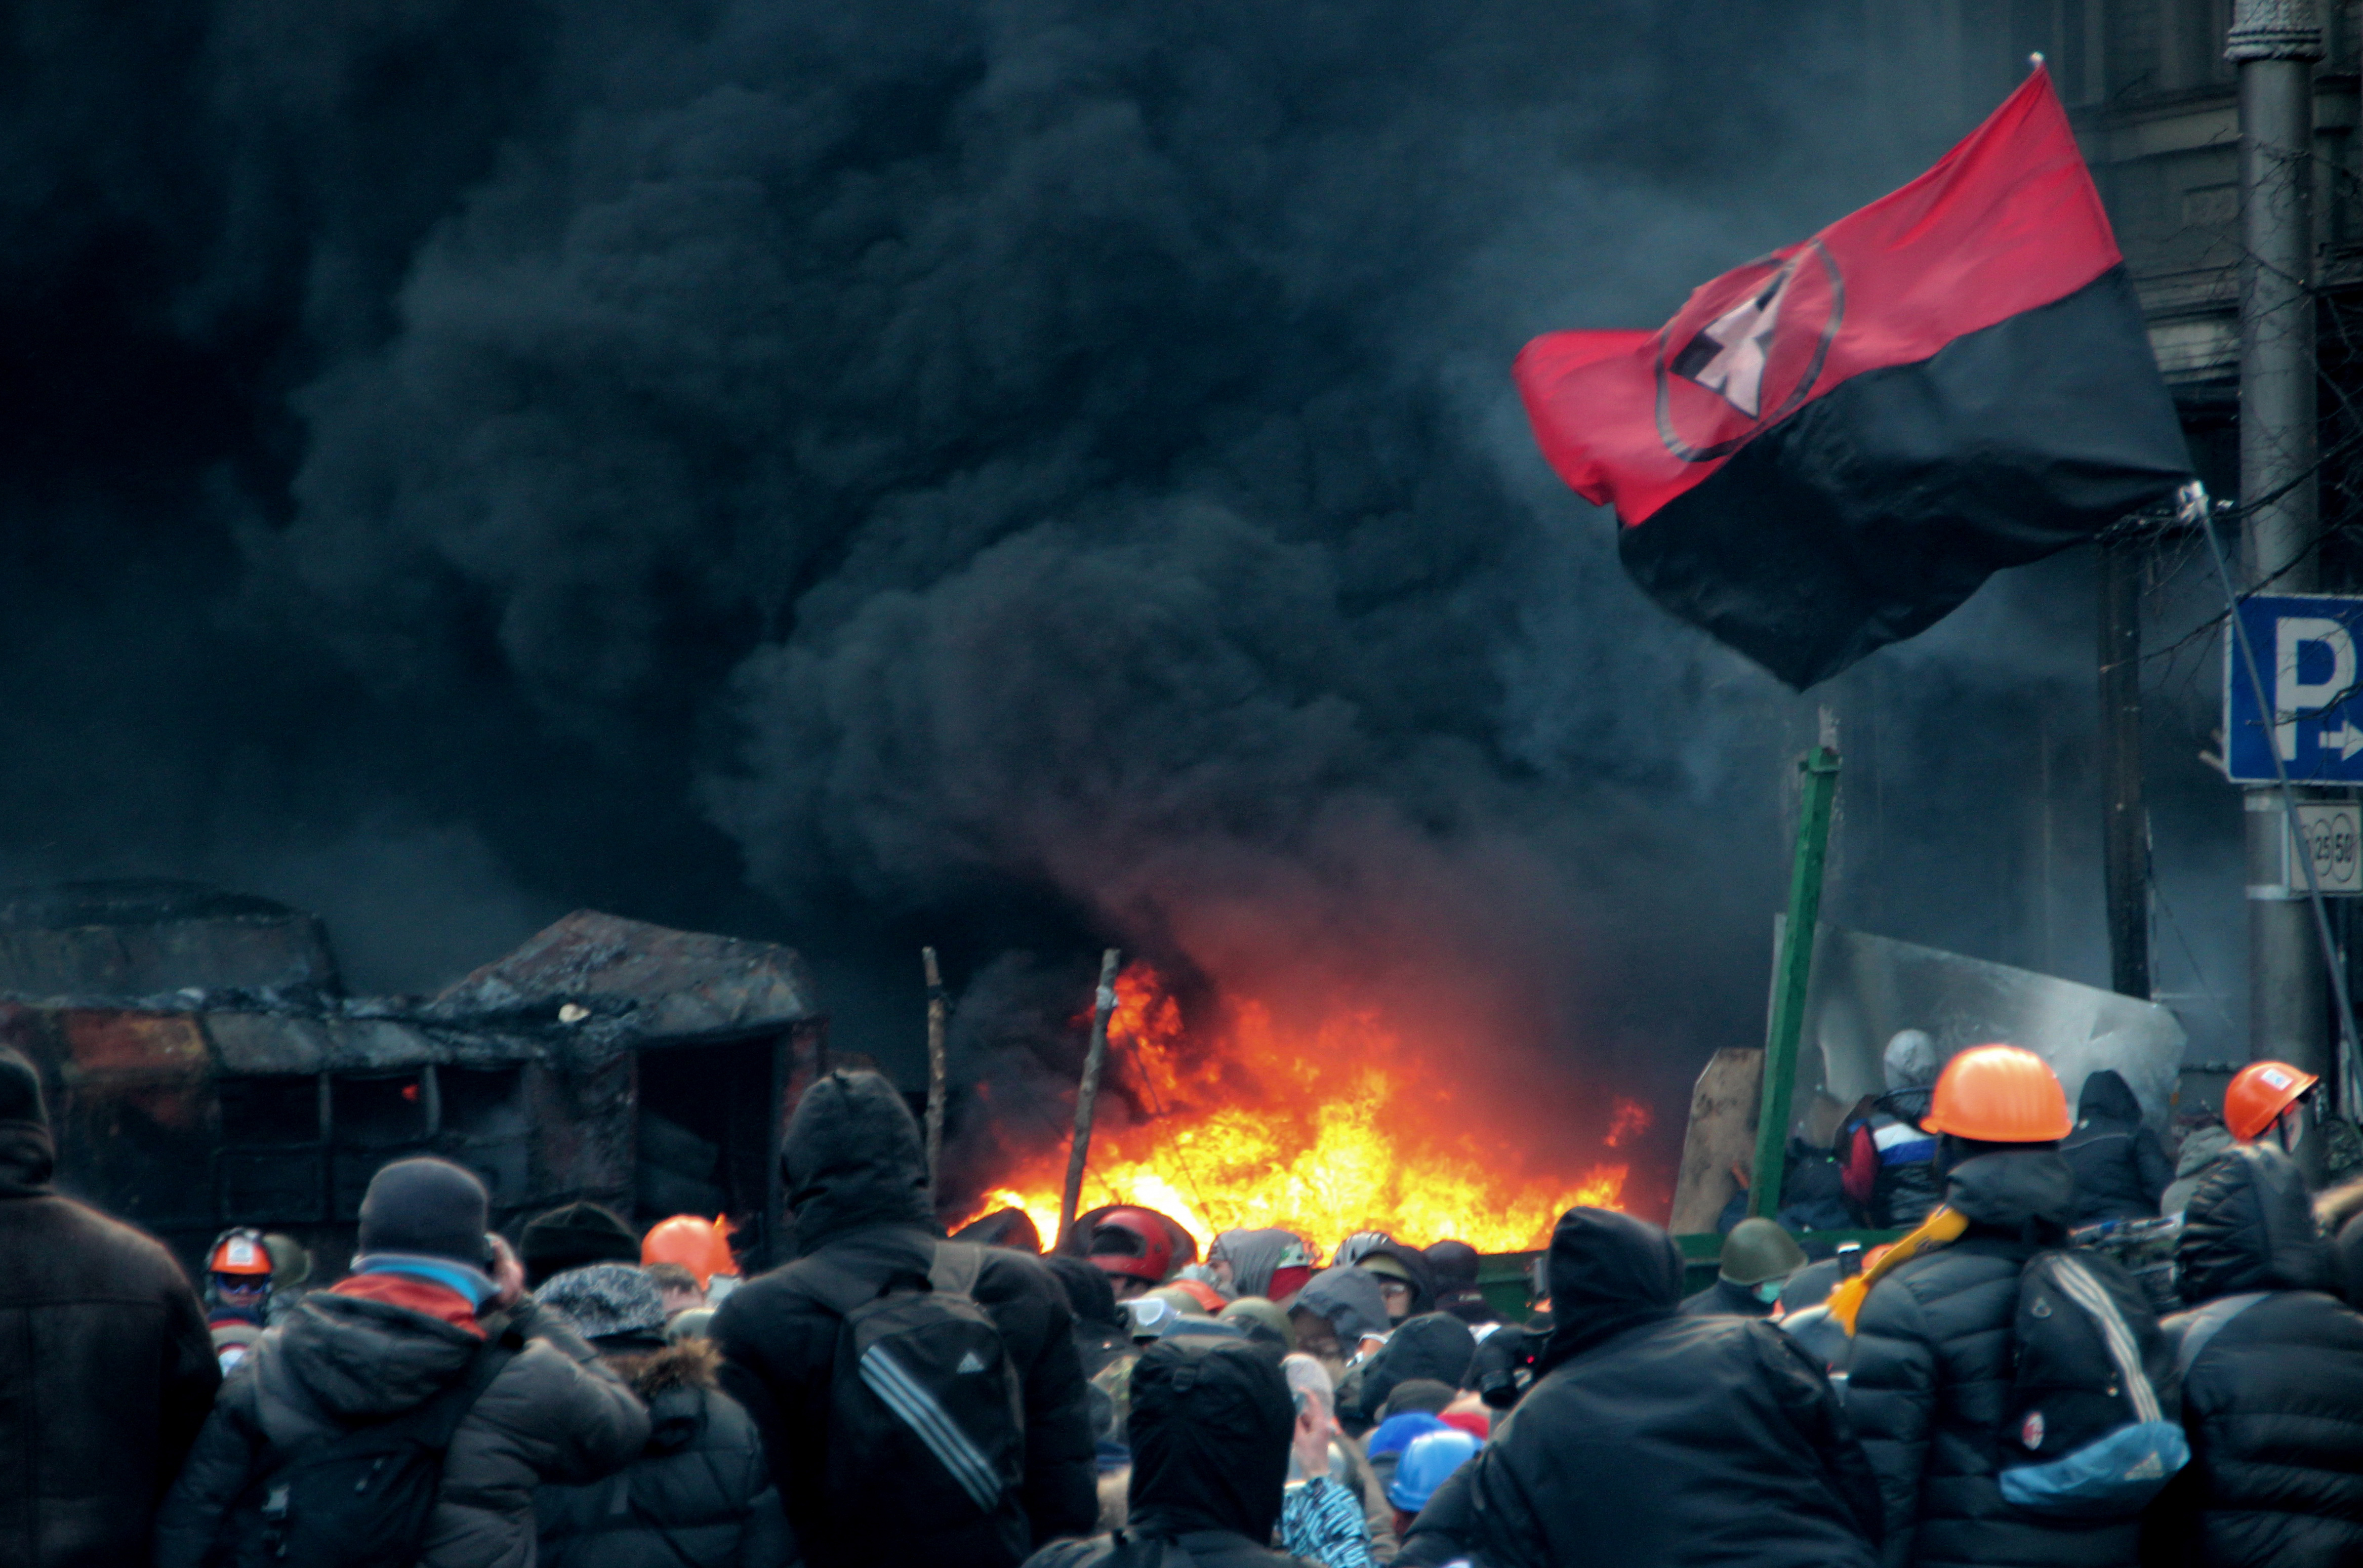 Украина, Киев. Улица Грушевского. Противостояние оппозиционеров со спецназом. Дым от горящих покрышек.